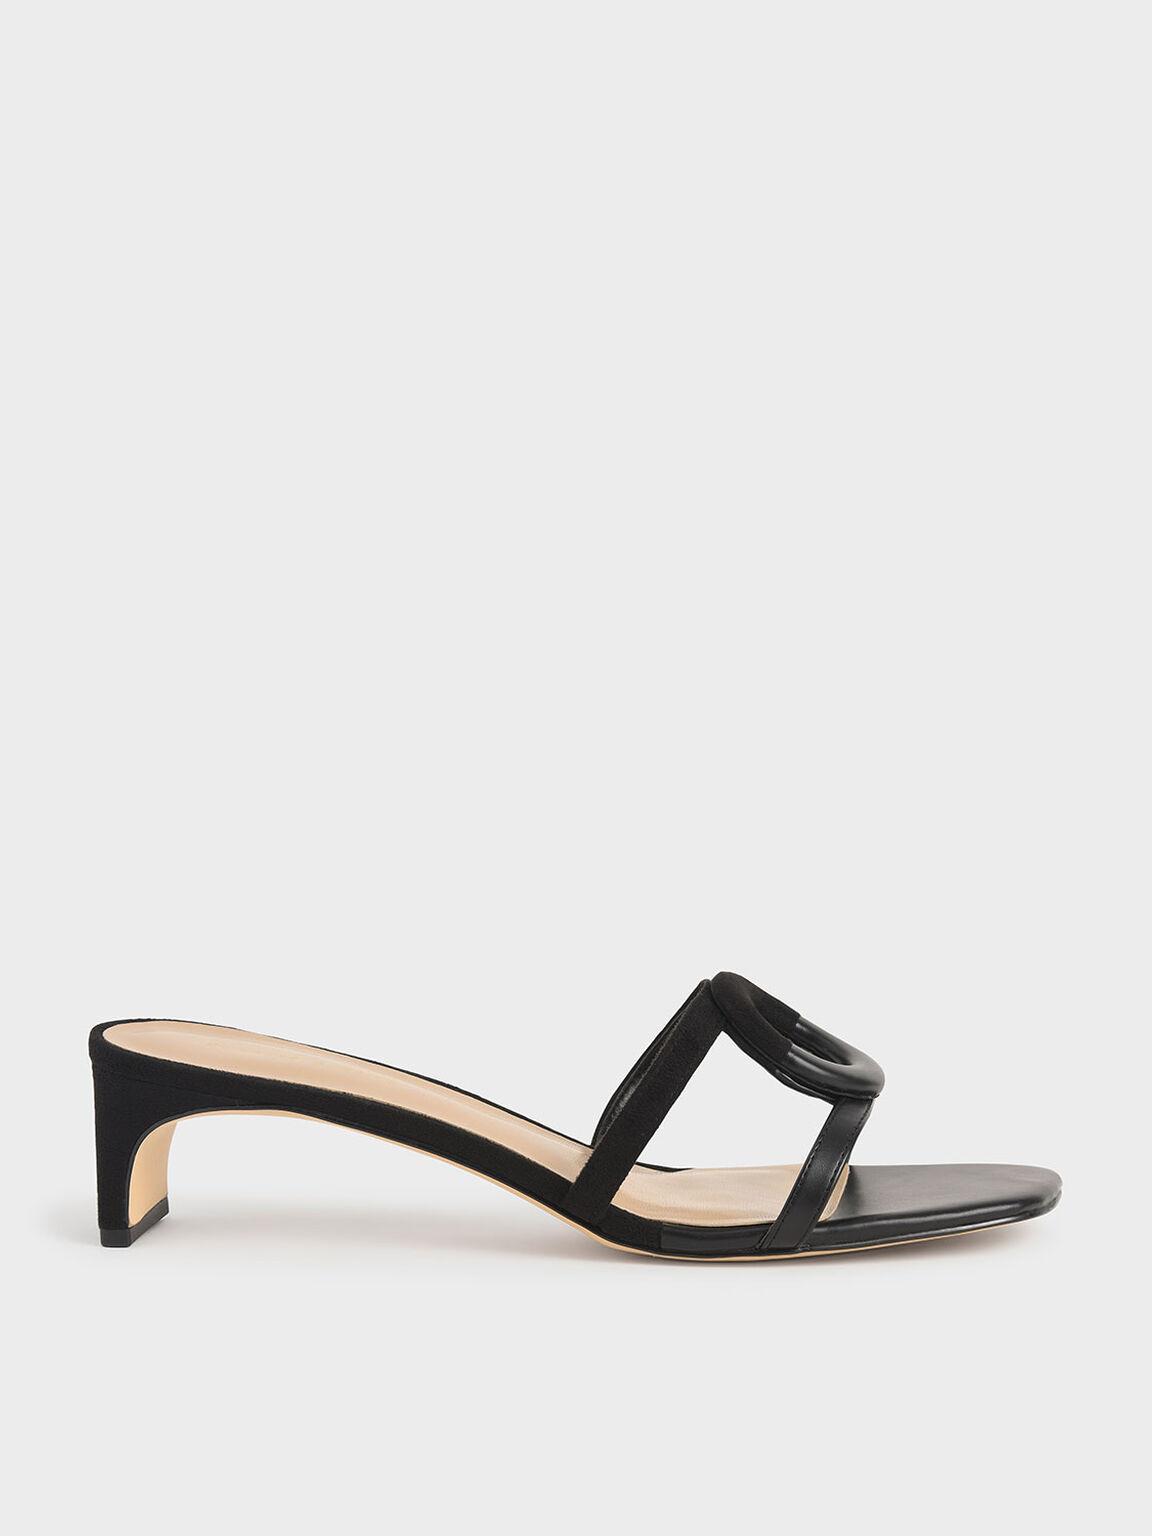 幾何鏤空拖鞋, 黑色, hi-res